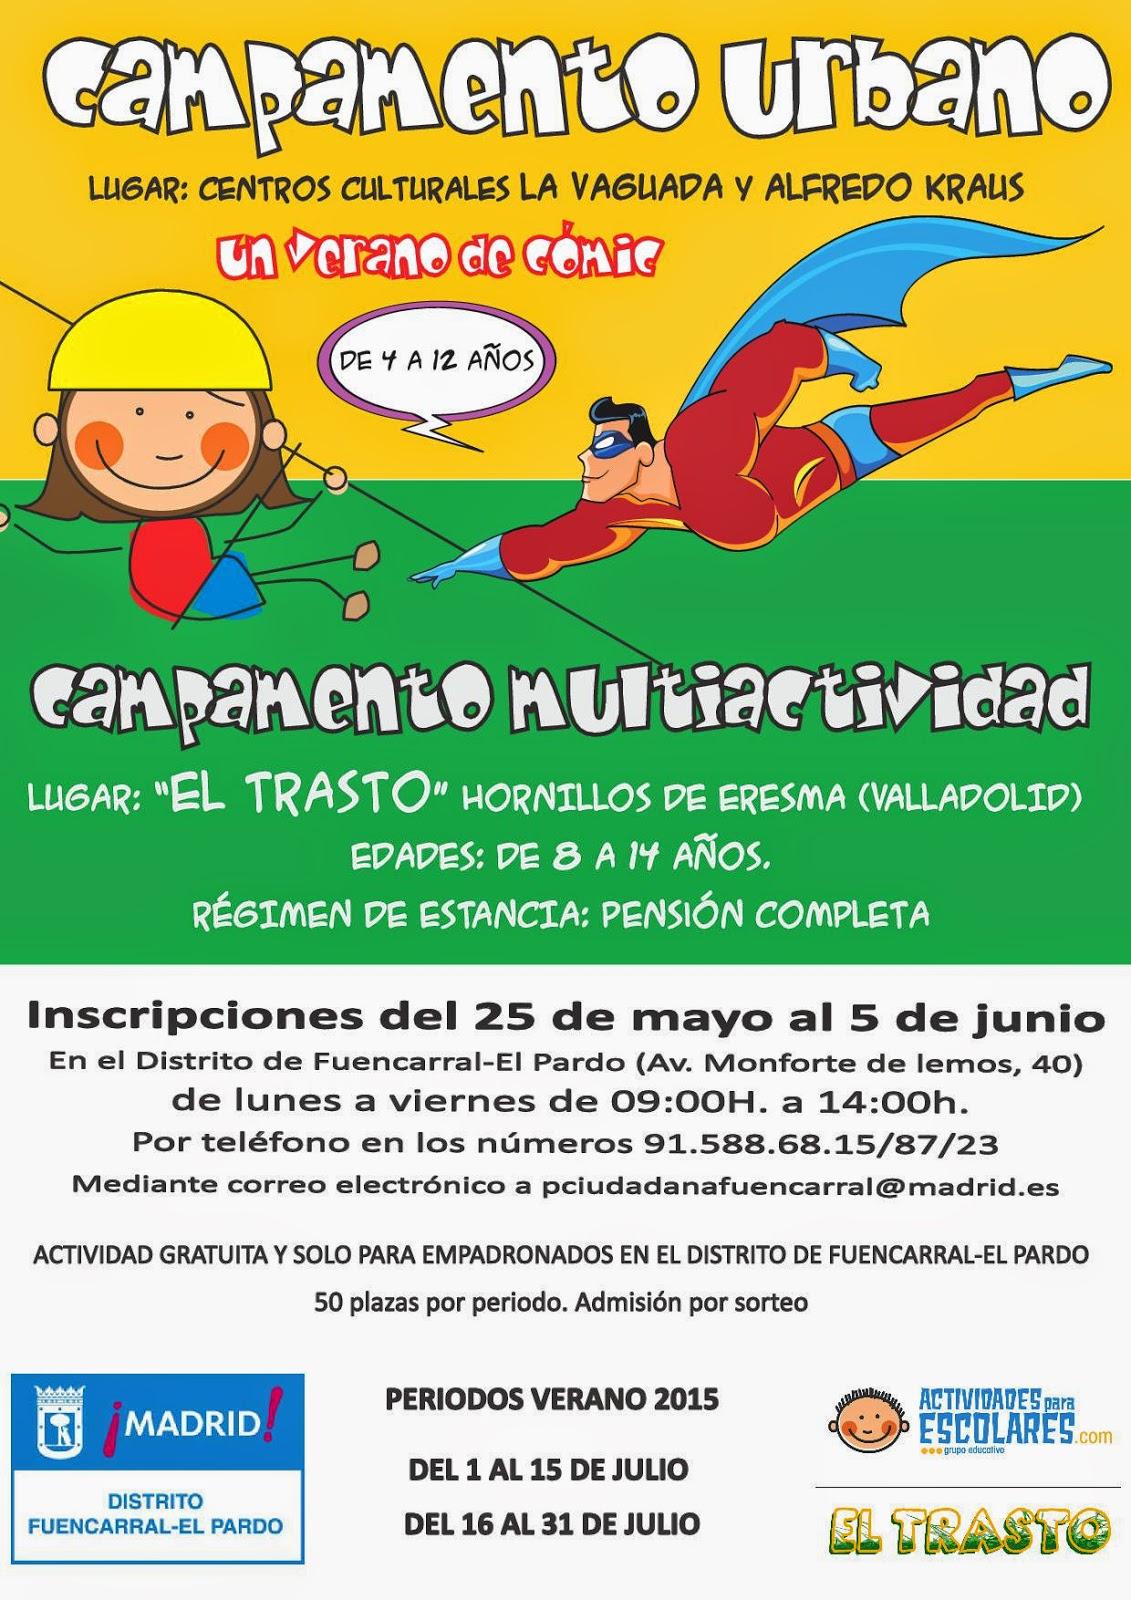 Campamentos de Verano 2015 del distrito de Fuencarral-El Pardo